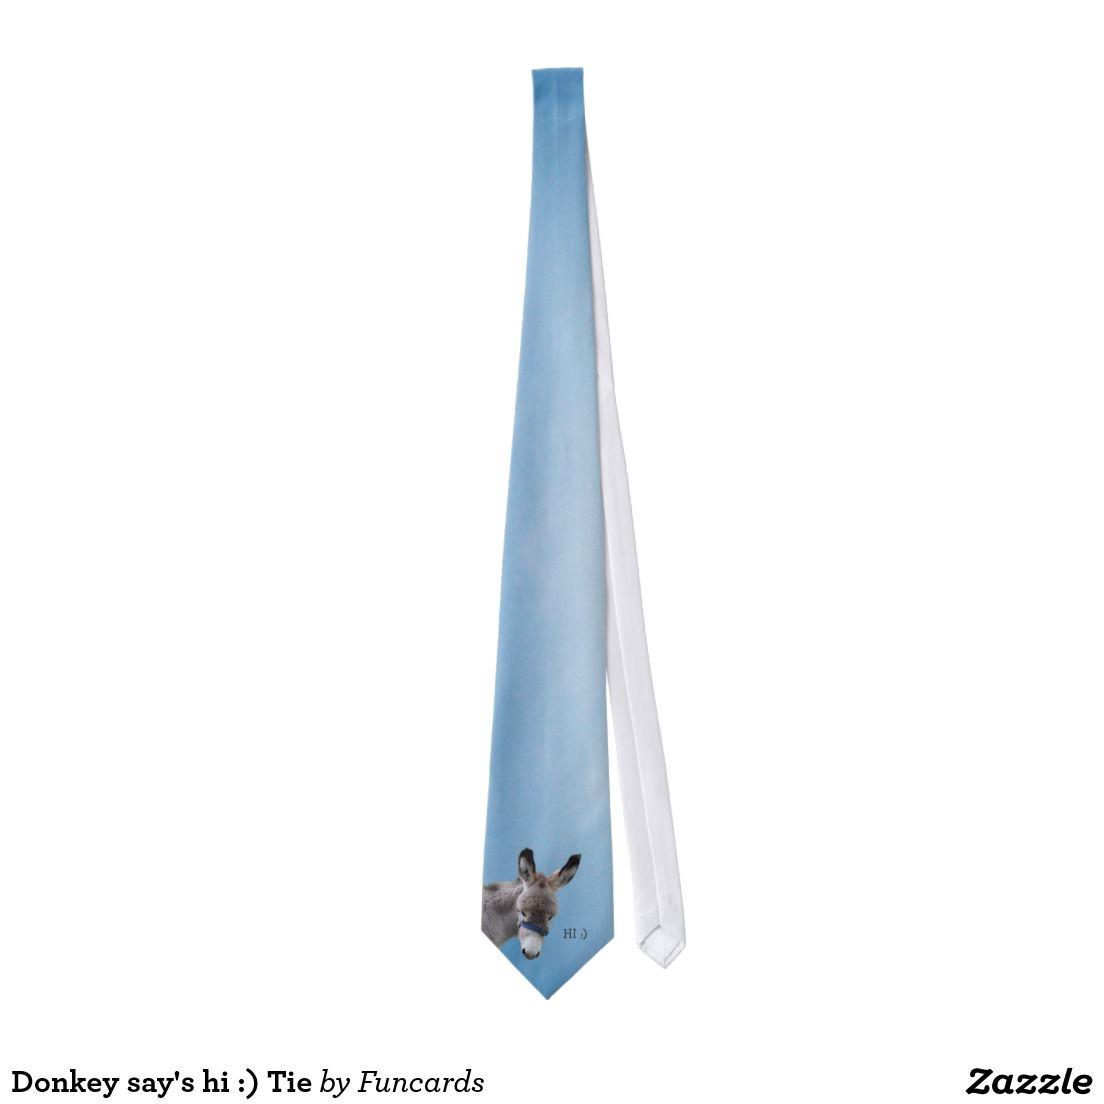 Donkey say's hi :) Tie